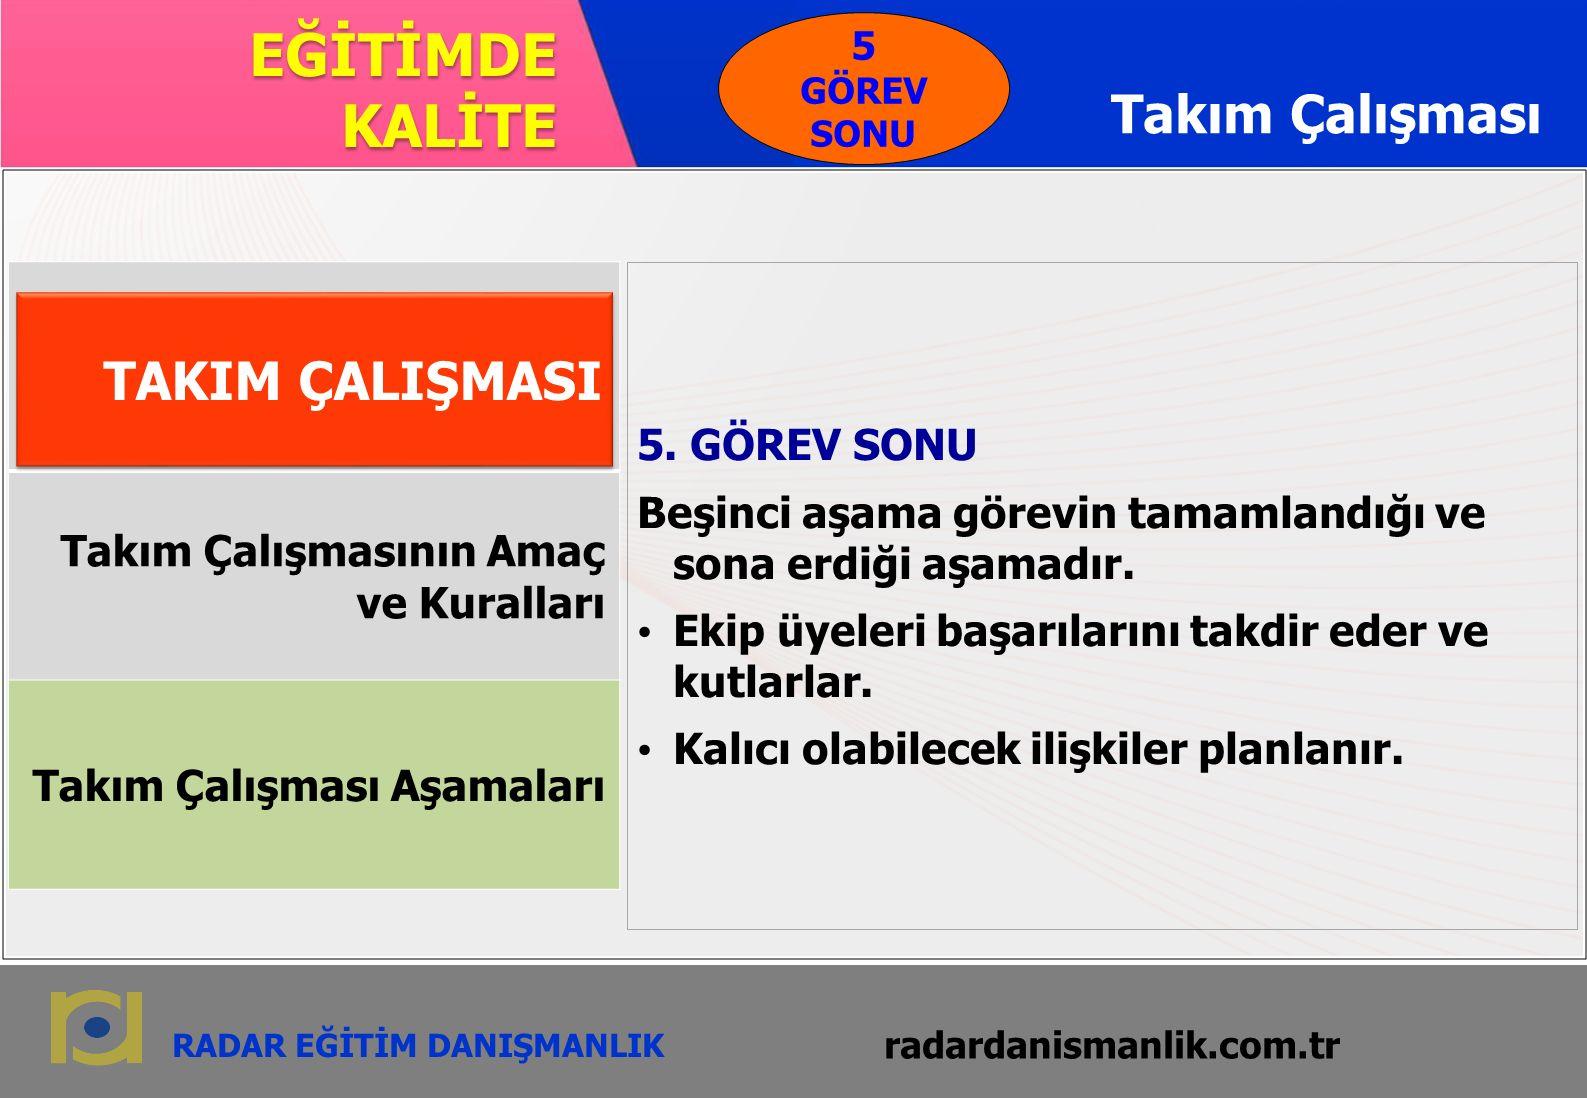 radardanismanlik.com.tr 14 RADAR EĞİTİM DANIŞMANLIK EĞİTİMDE KALİTE radardanismanlik.com.tr Takım Çalışması 5.